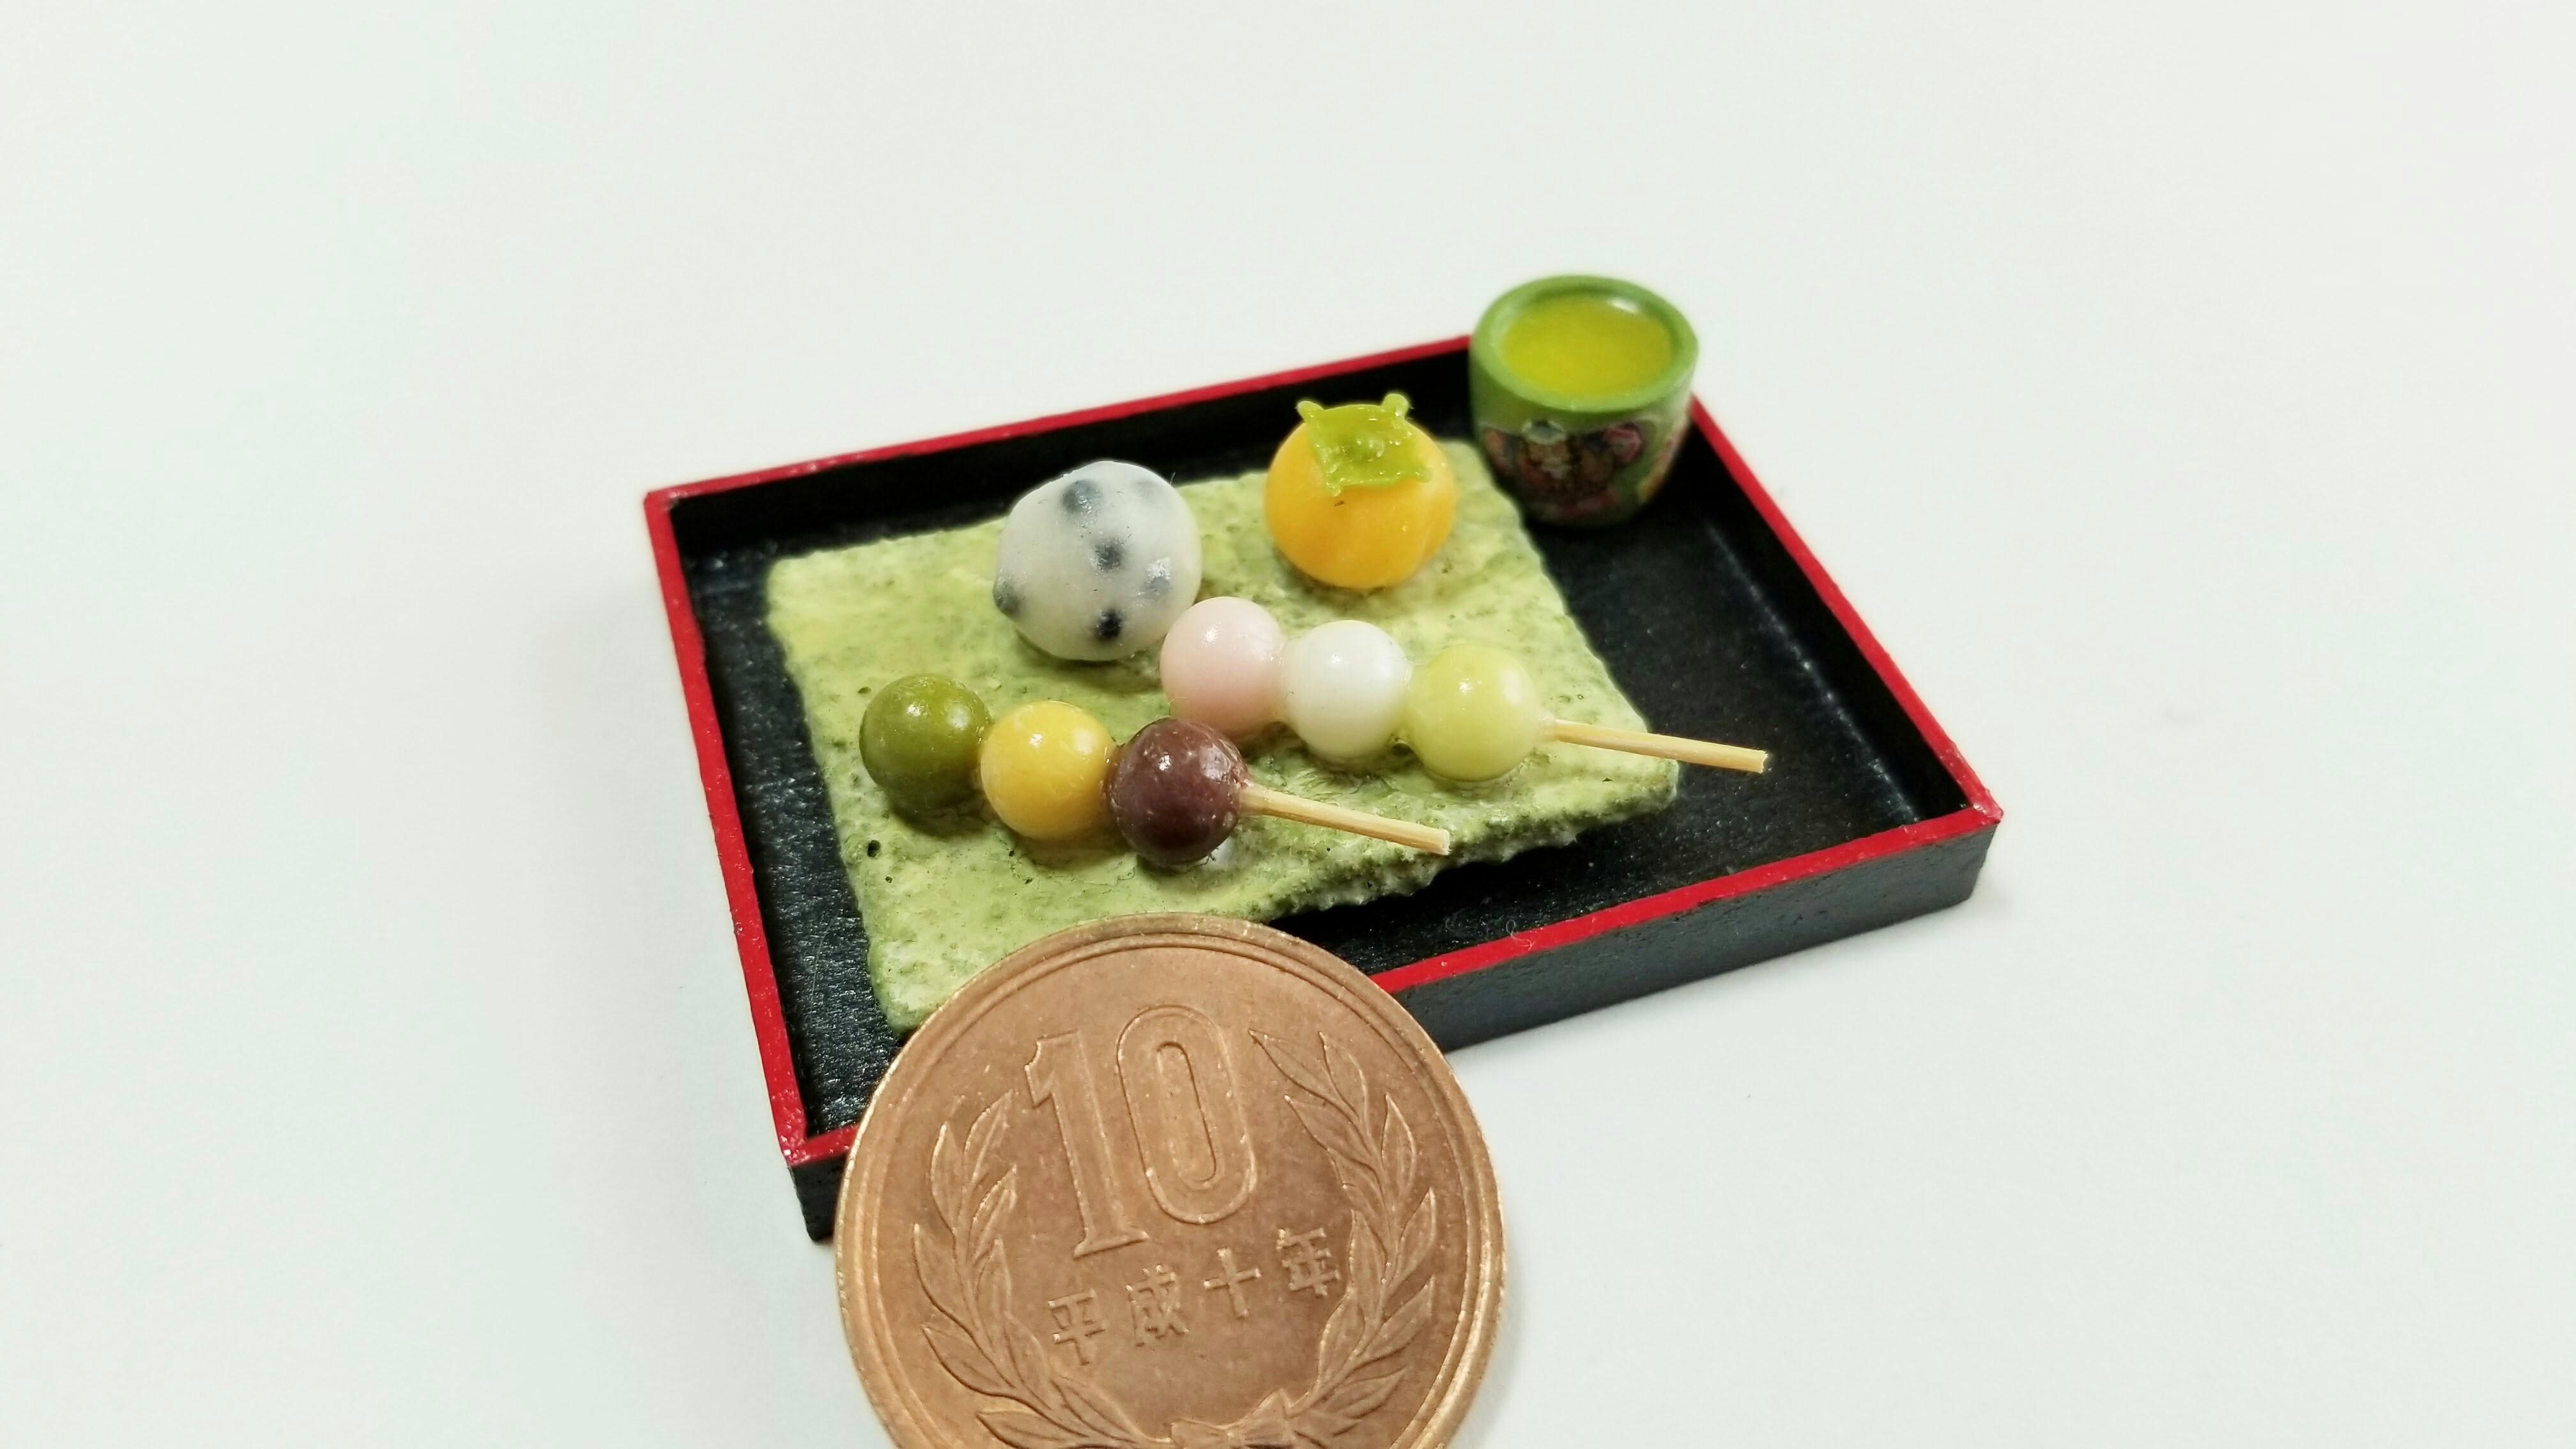 愛媛県松山市おすすめブログ坊っちゃん団子人気和菓子屋おいしい有名